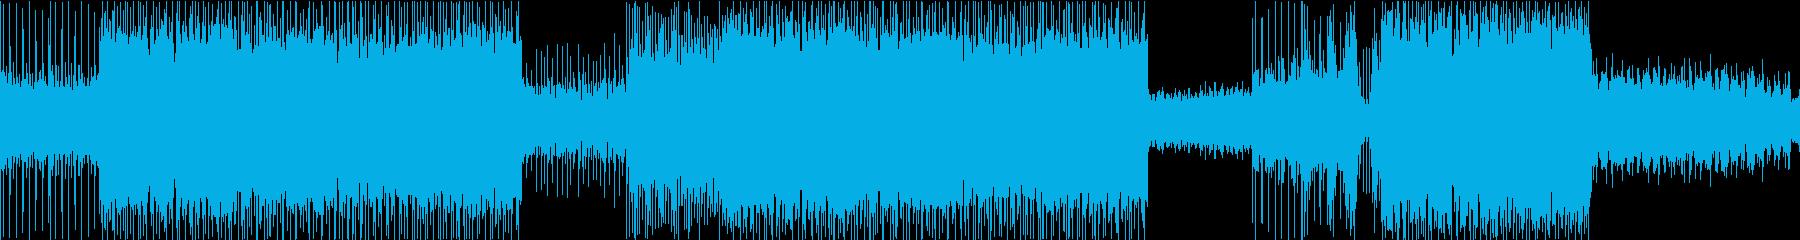 軽快、疾走感のあるポップロックの再生済みの波形